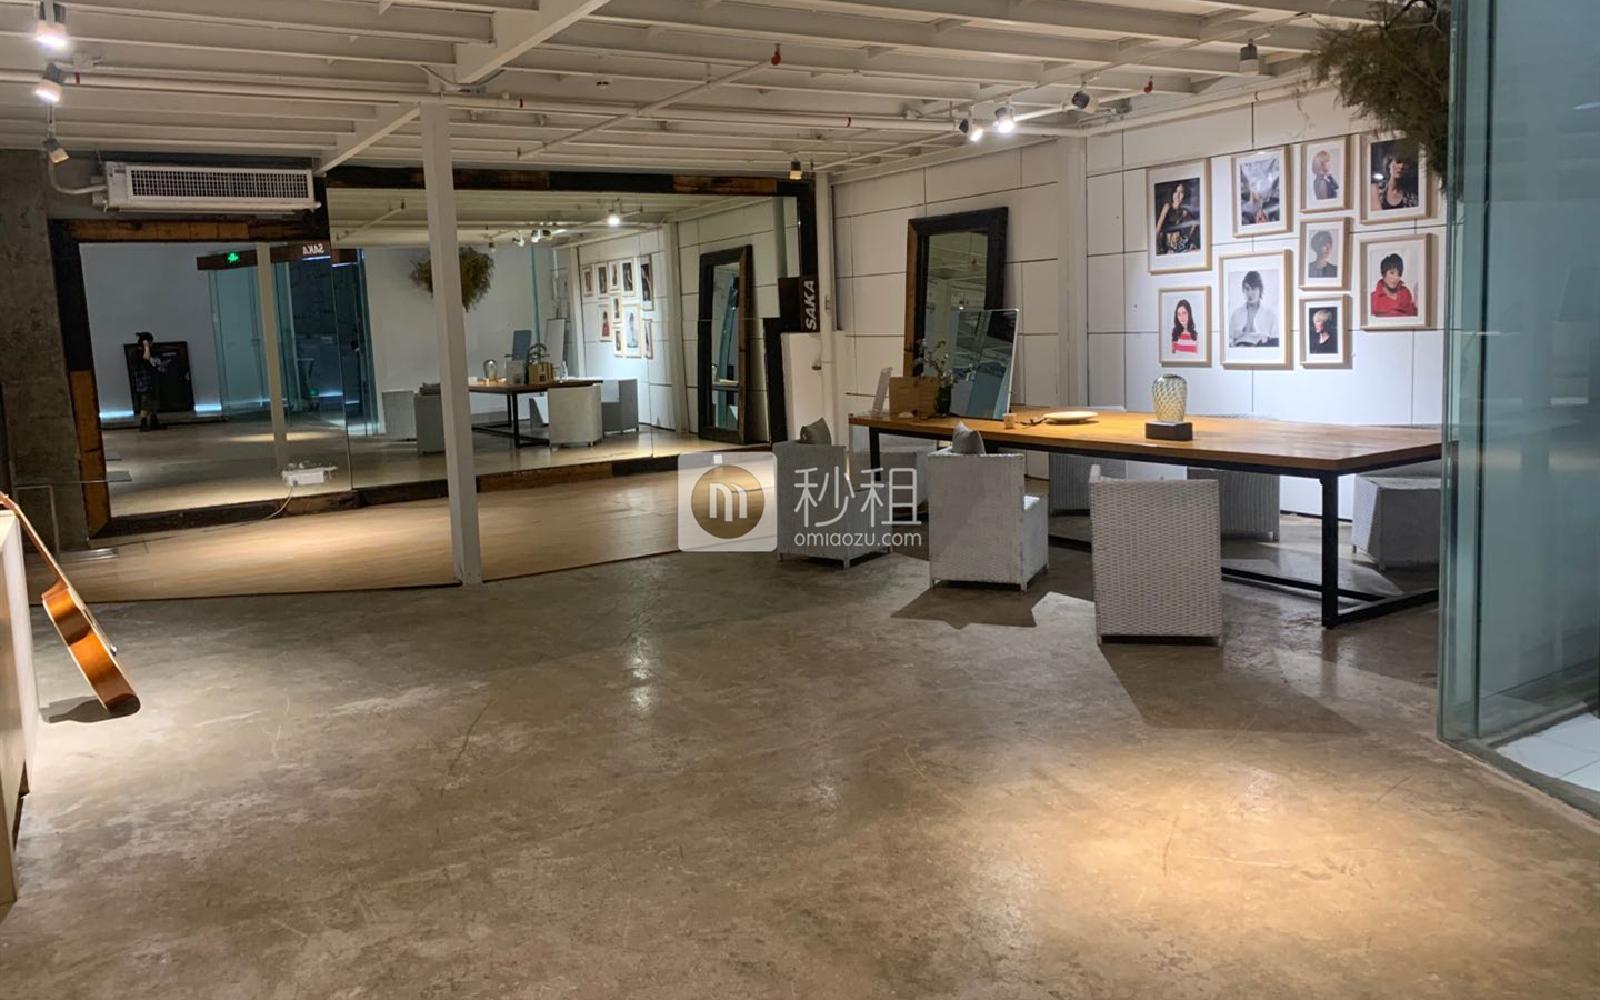 海珠-东晓南路沿线 广州轻纺交易园-时尚发布中心 35m²